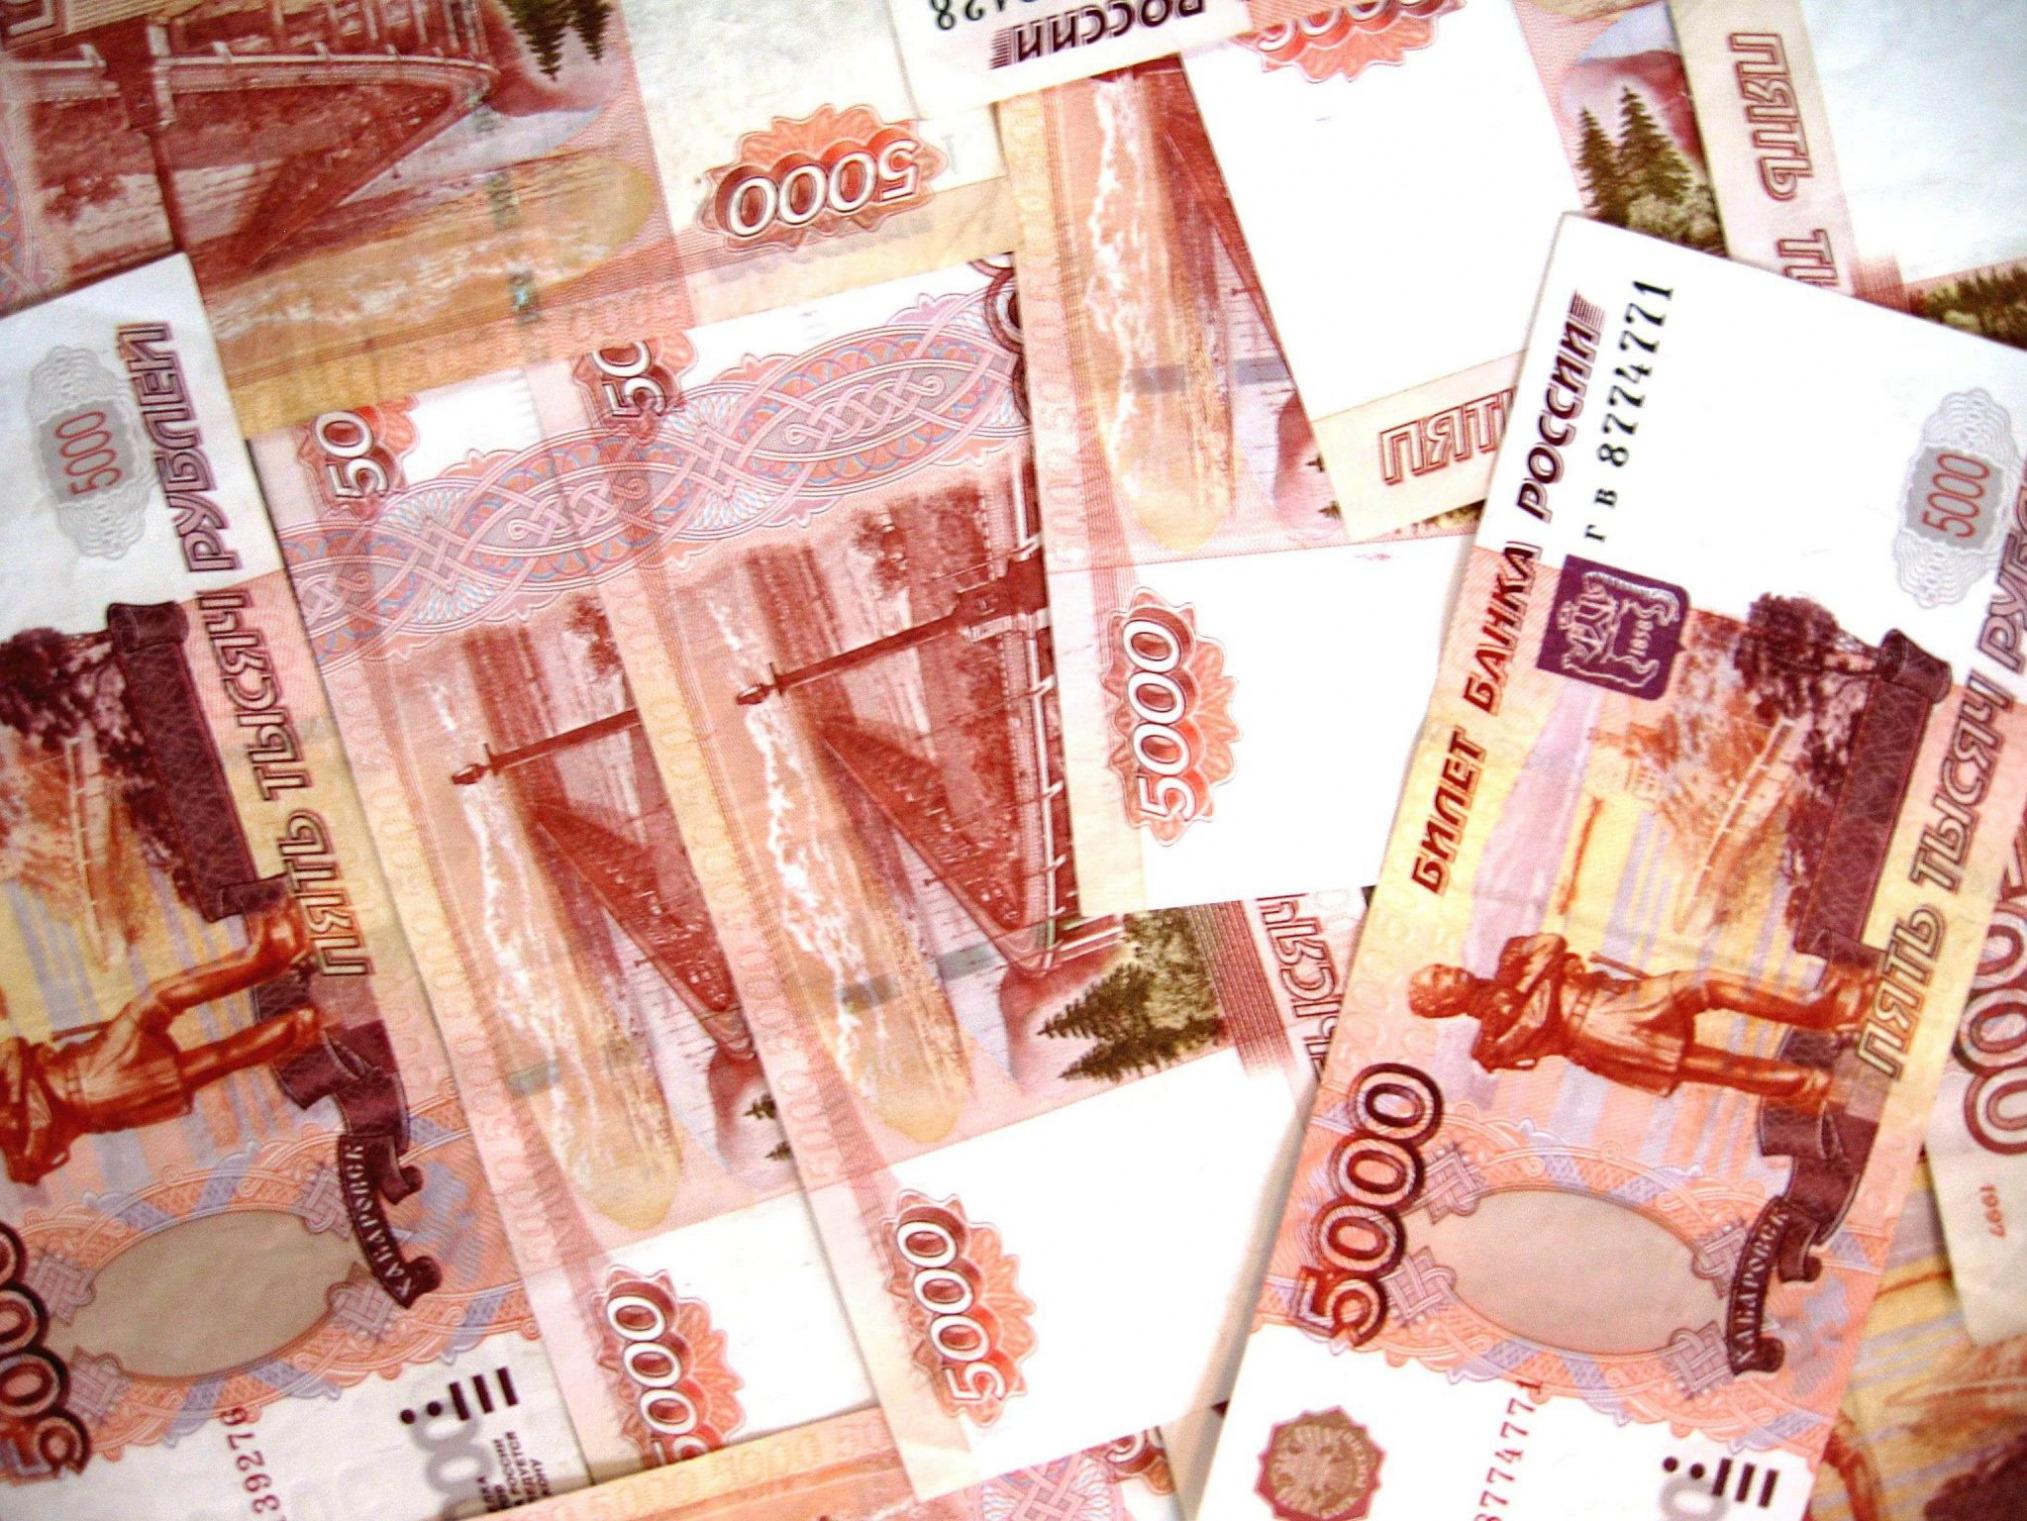 креативные денежные купюры фото